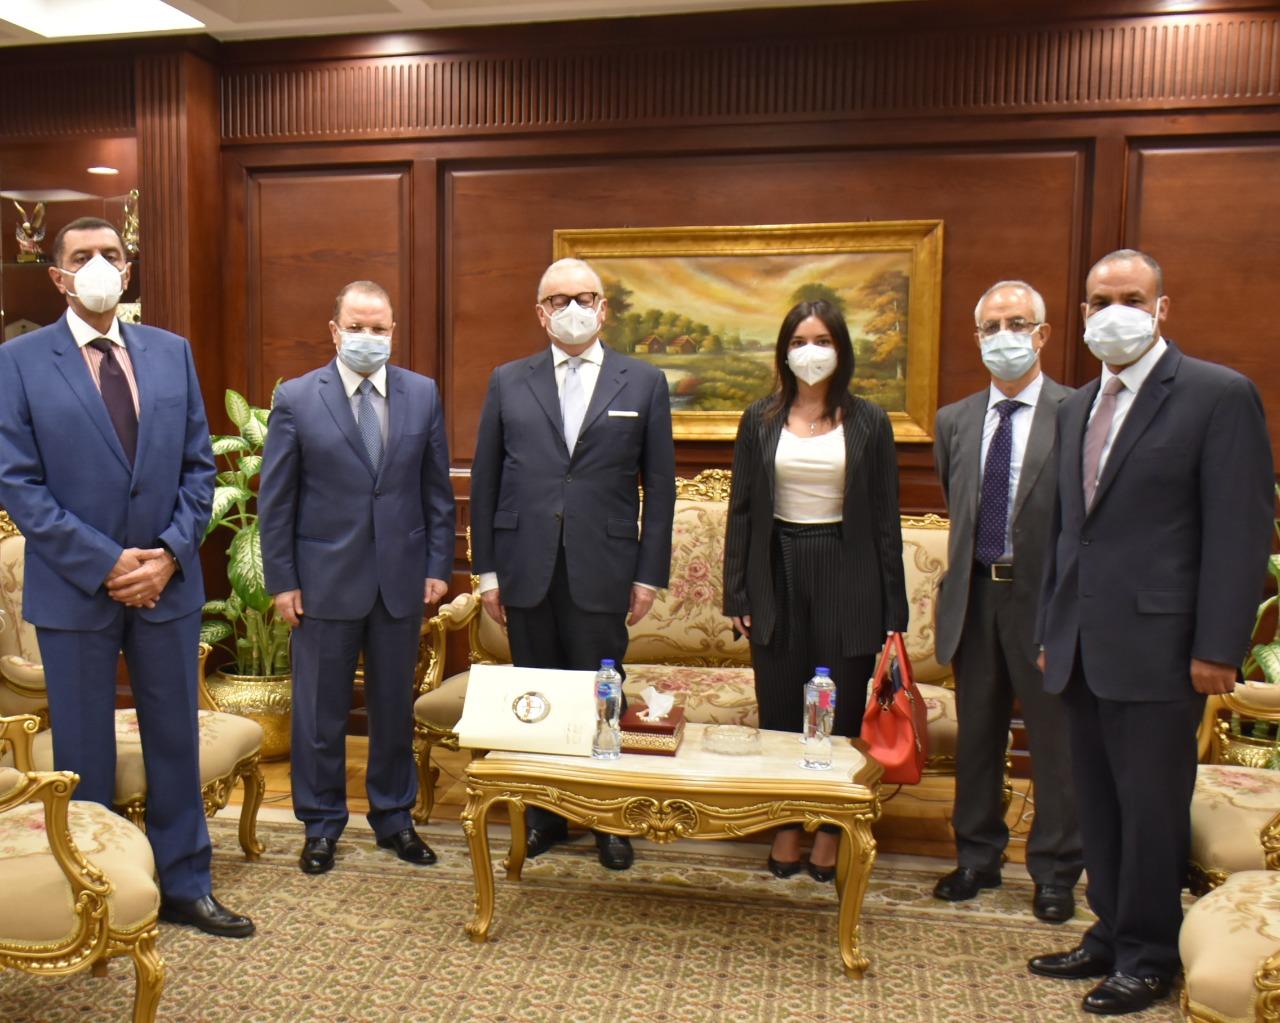 النائب العام يُسلِّم السفير الإيطالي تصرُّف النيابة العامة في قضية وفاة ريجيني